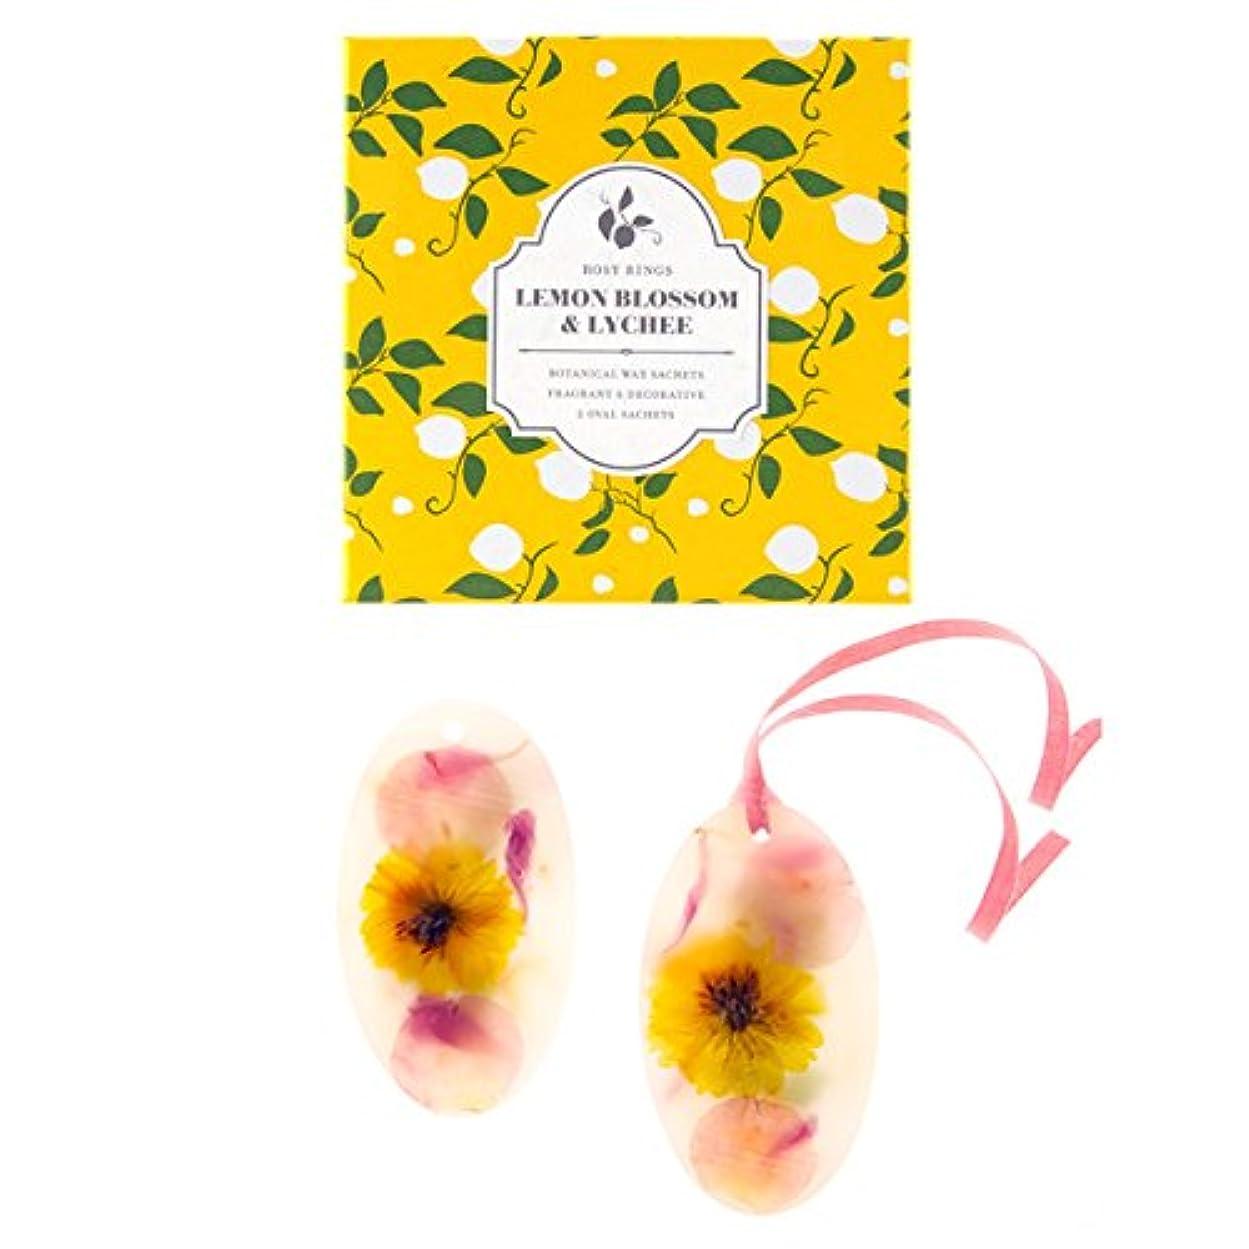 無駄迷彩削減ロージーリングス ボタニカルワックスサシェ オーバル レモンブロッサム&ライチ ROSY RINGS Signature Collection Botanical Wax Sachets – Lemon Blossom...